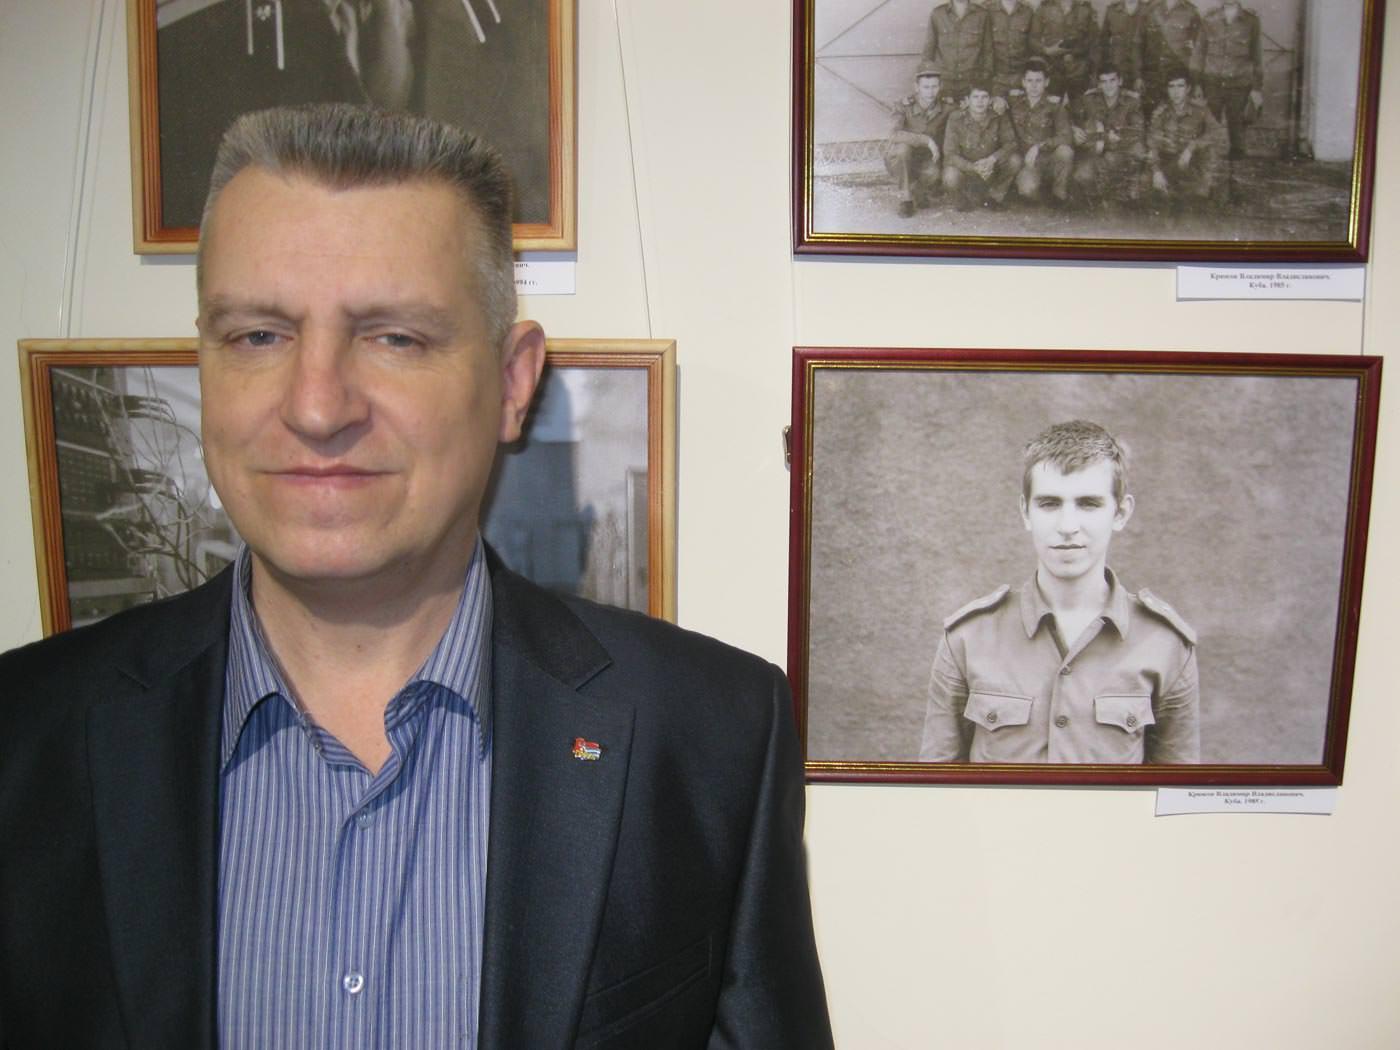 2016. Январь. Крюков Владимир рядом со своим фото, 32 года назад